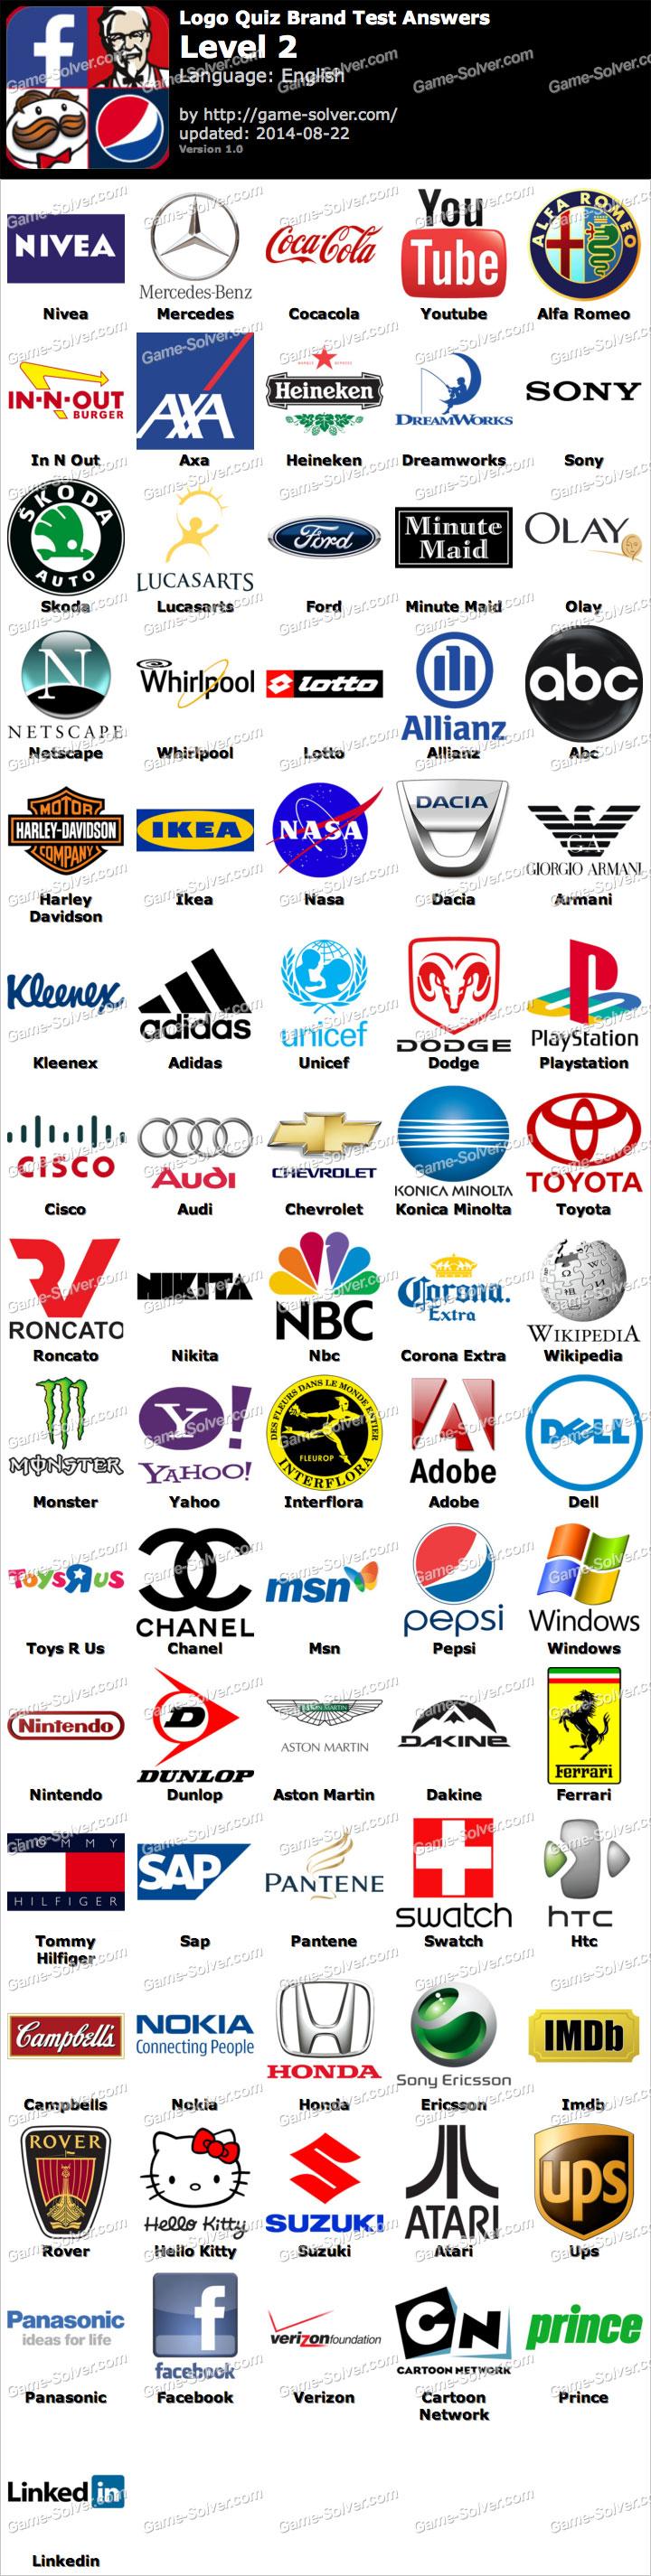 Logo quiz brand test level 2 game solver